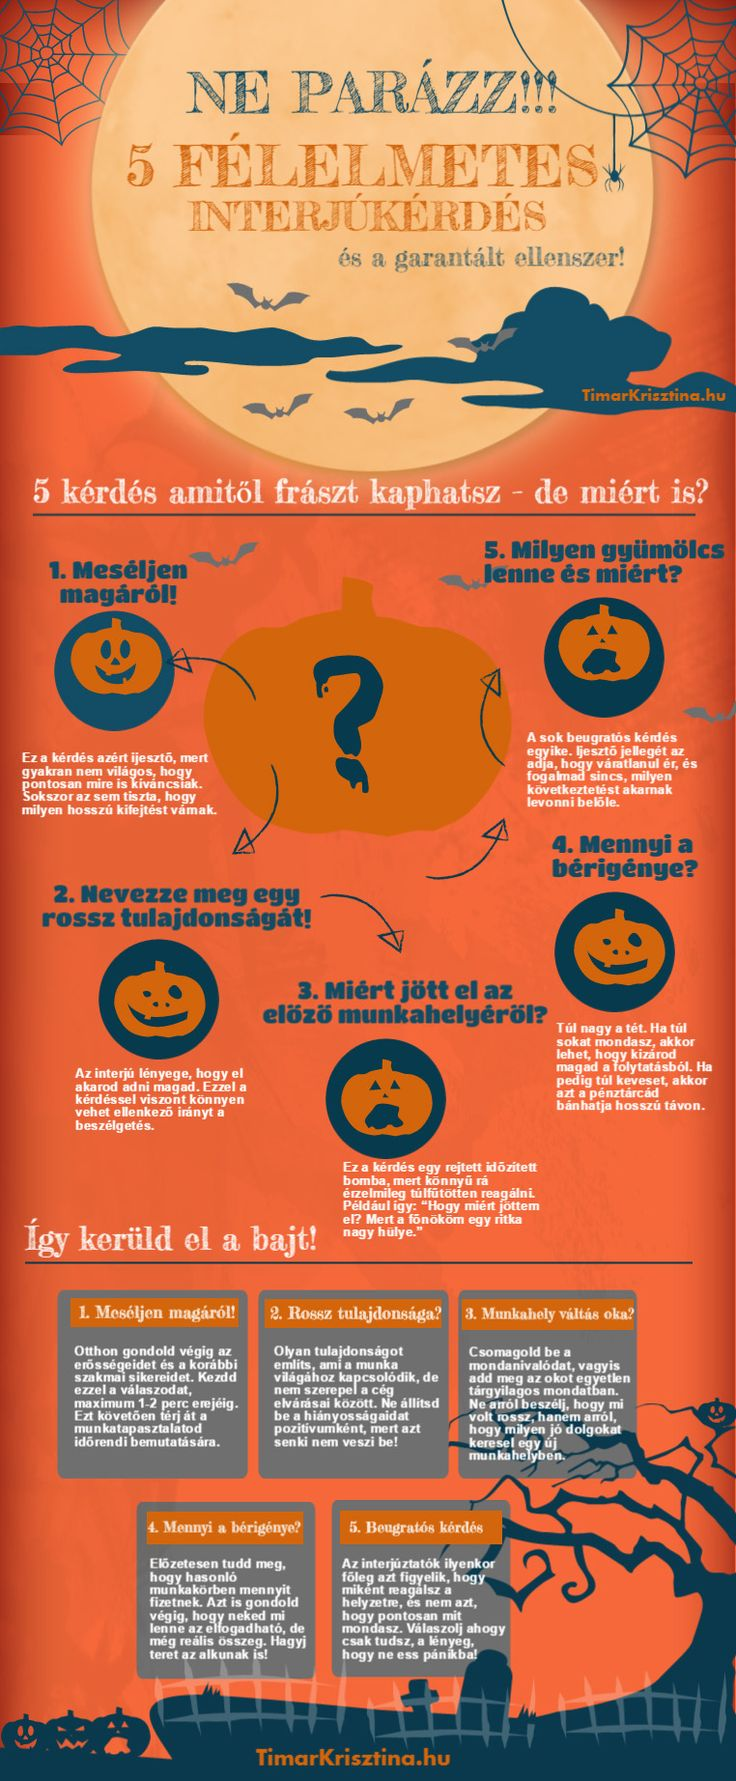 5 félelmetes interjúkérdés és a garantált ellenszerek!  #infografika #infographic #állásinterjú